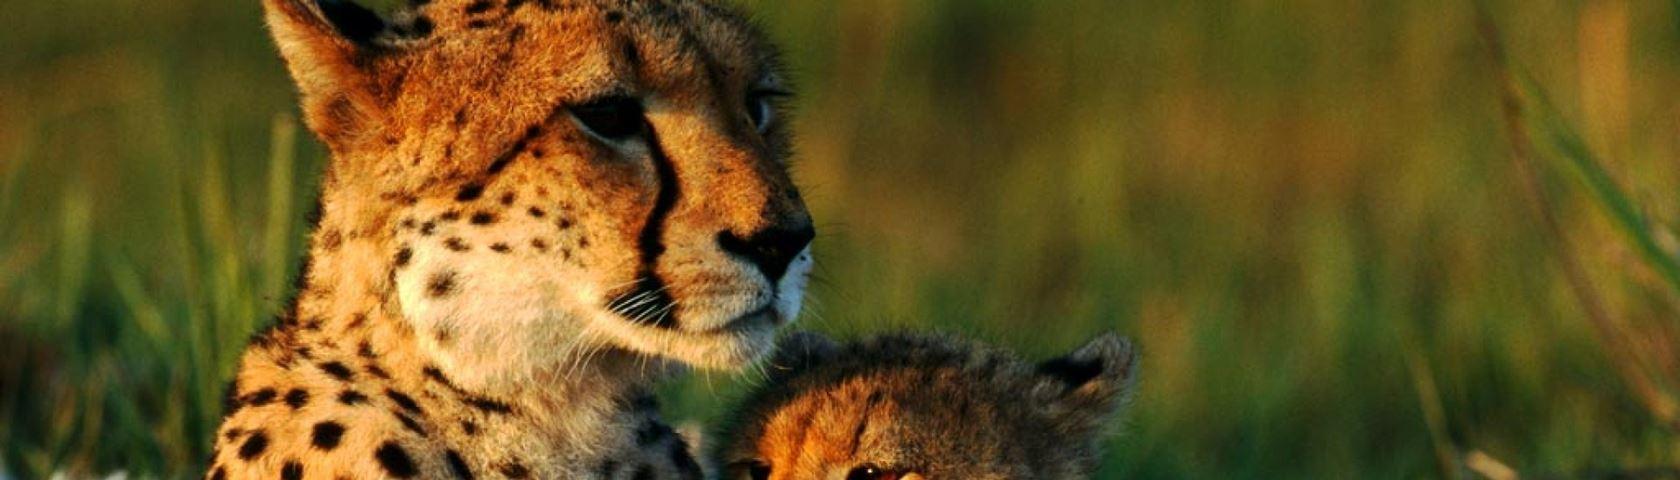 Mom and Baby Cheetah Pyramid